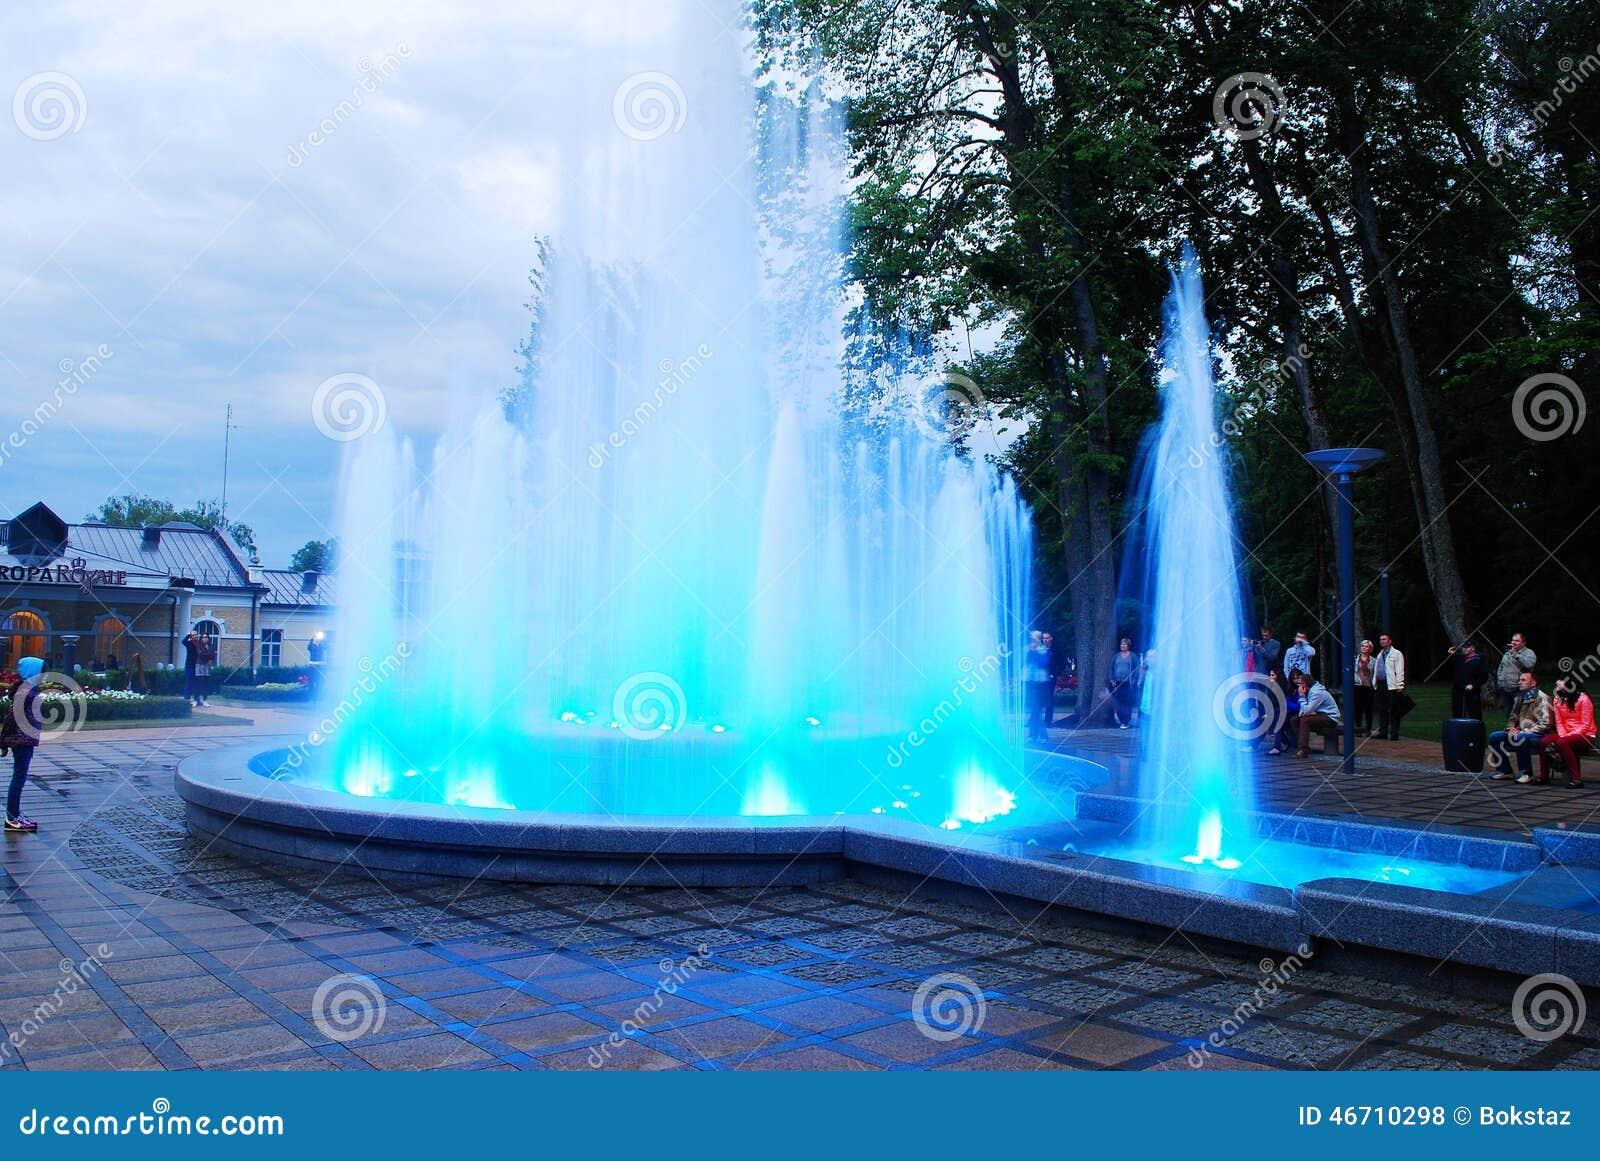 与音乐的喷泉跳舞和改变的颜色在德鲁斯基宁凯市